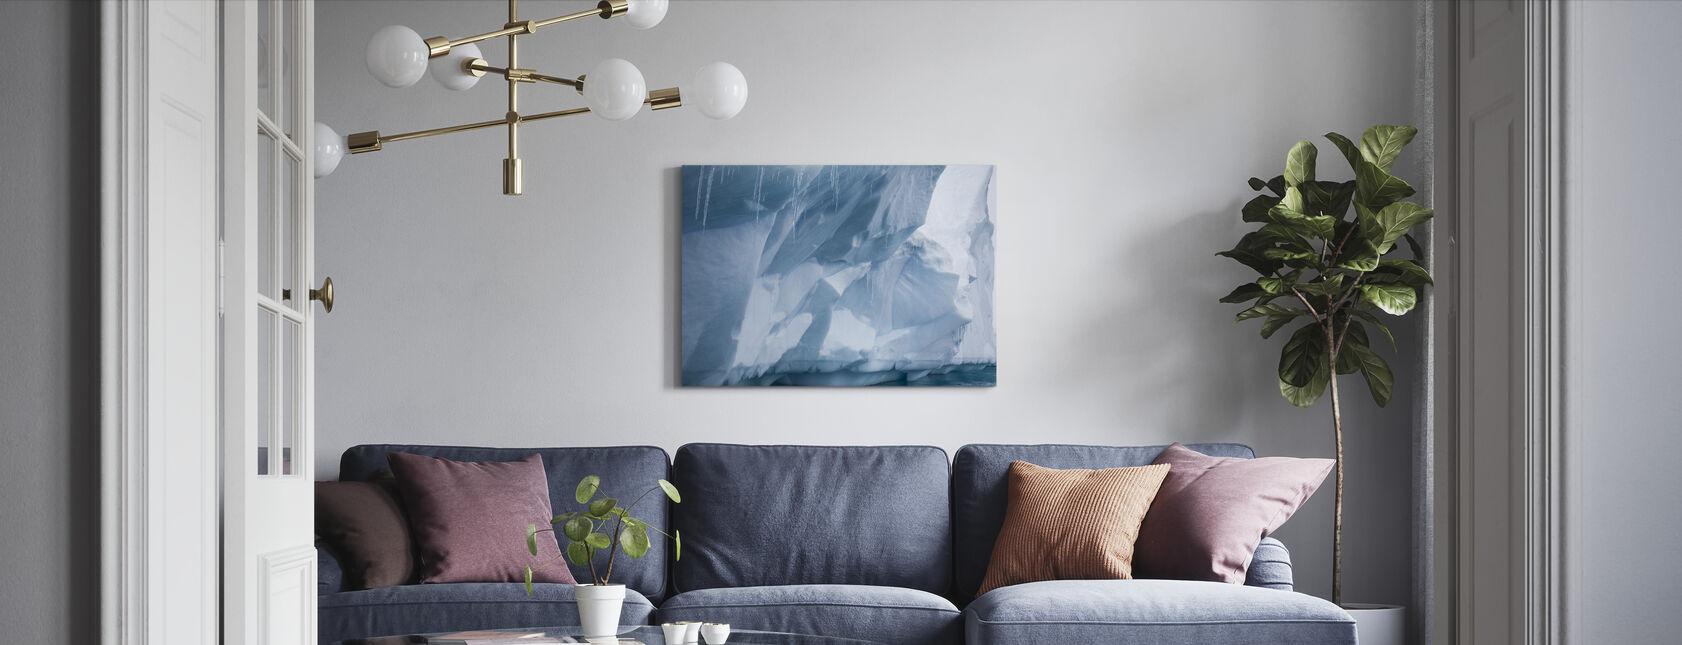 Jääpuikko Etelämantereella - Canvastaulu - Olohuone